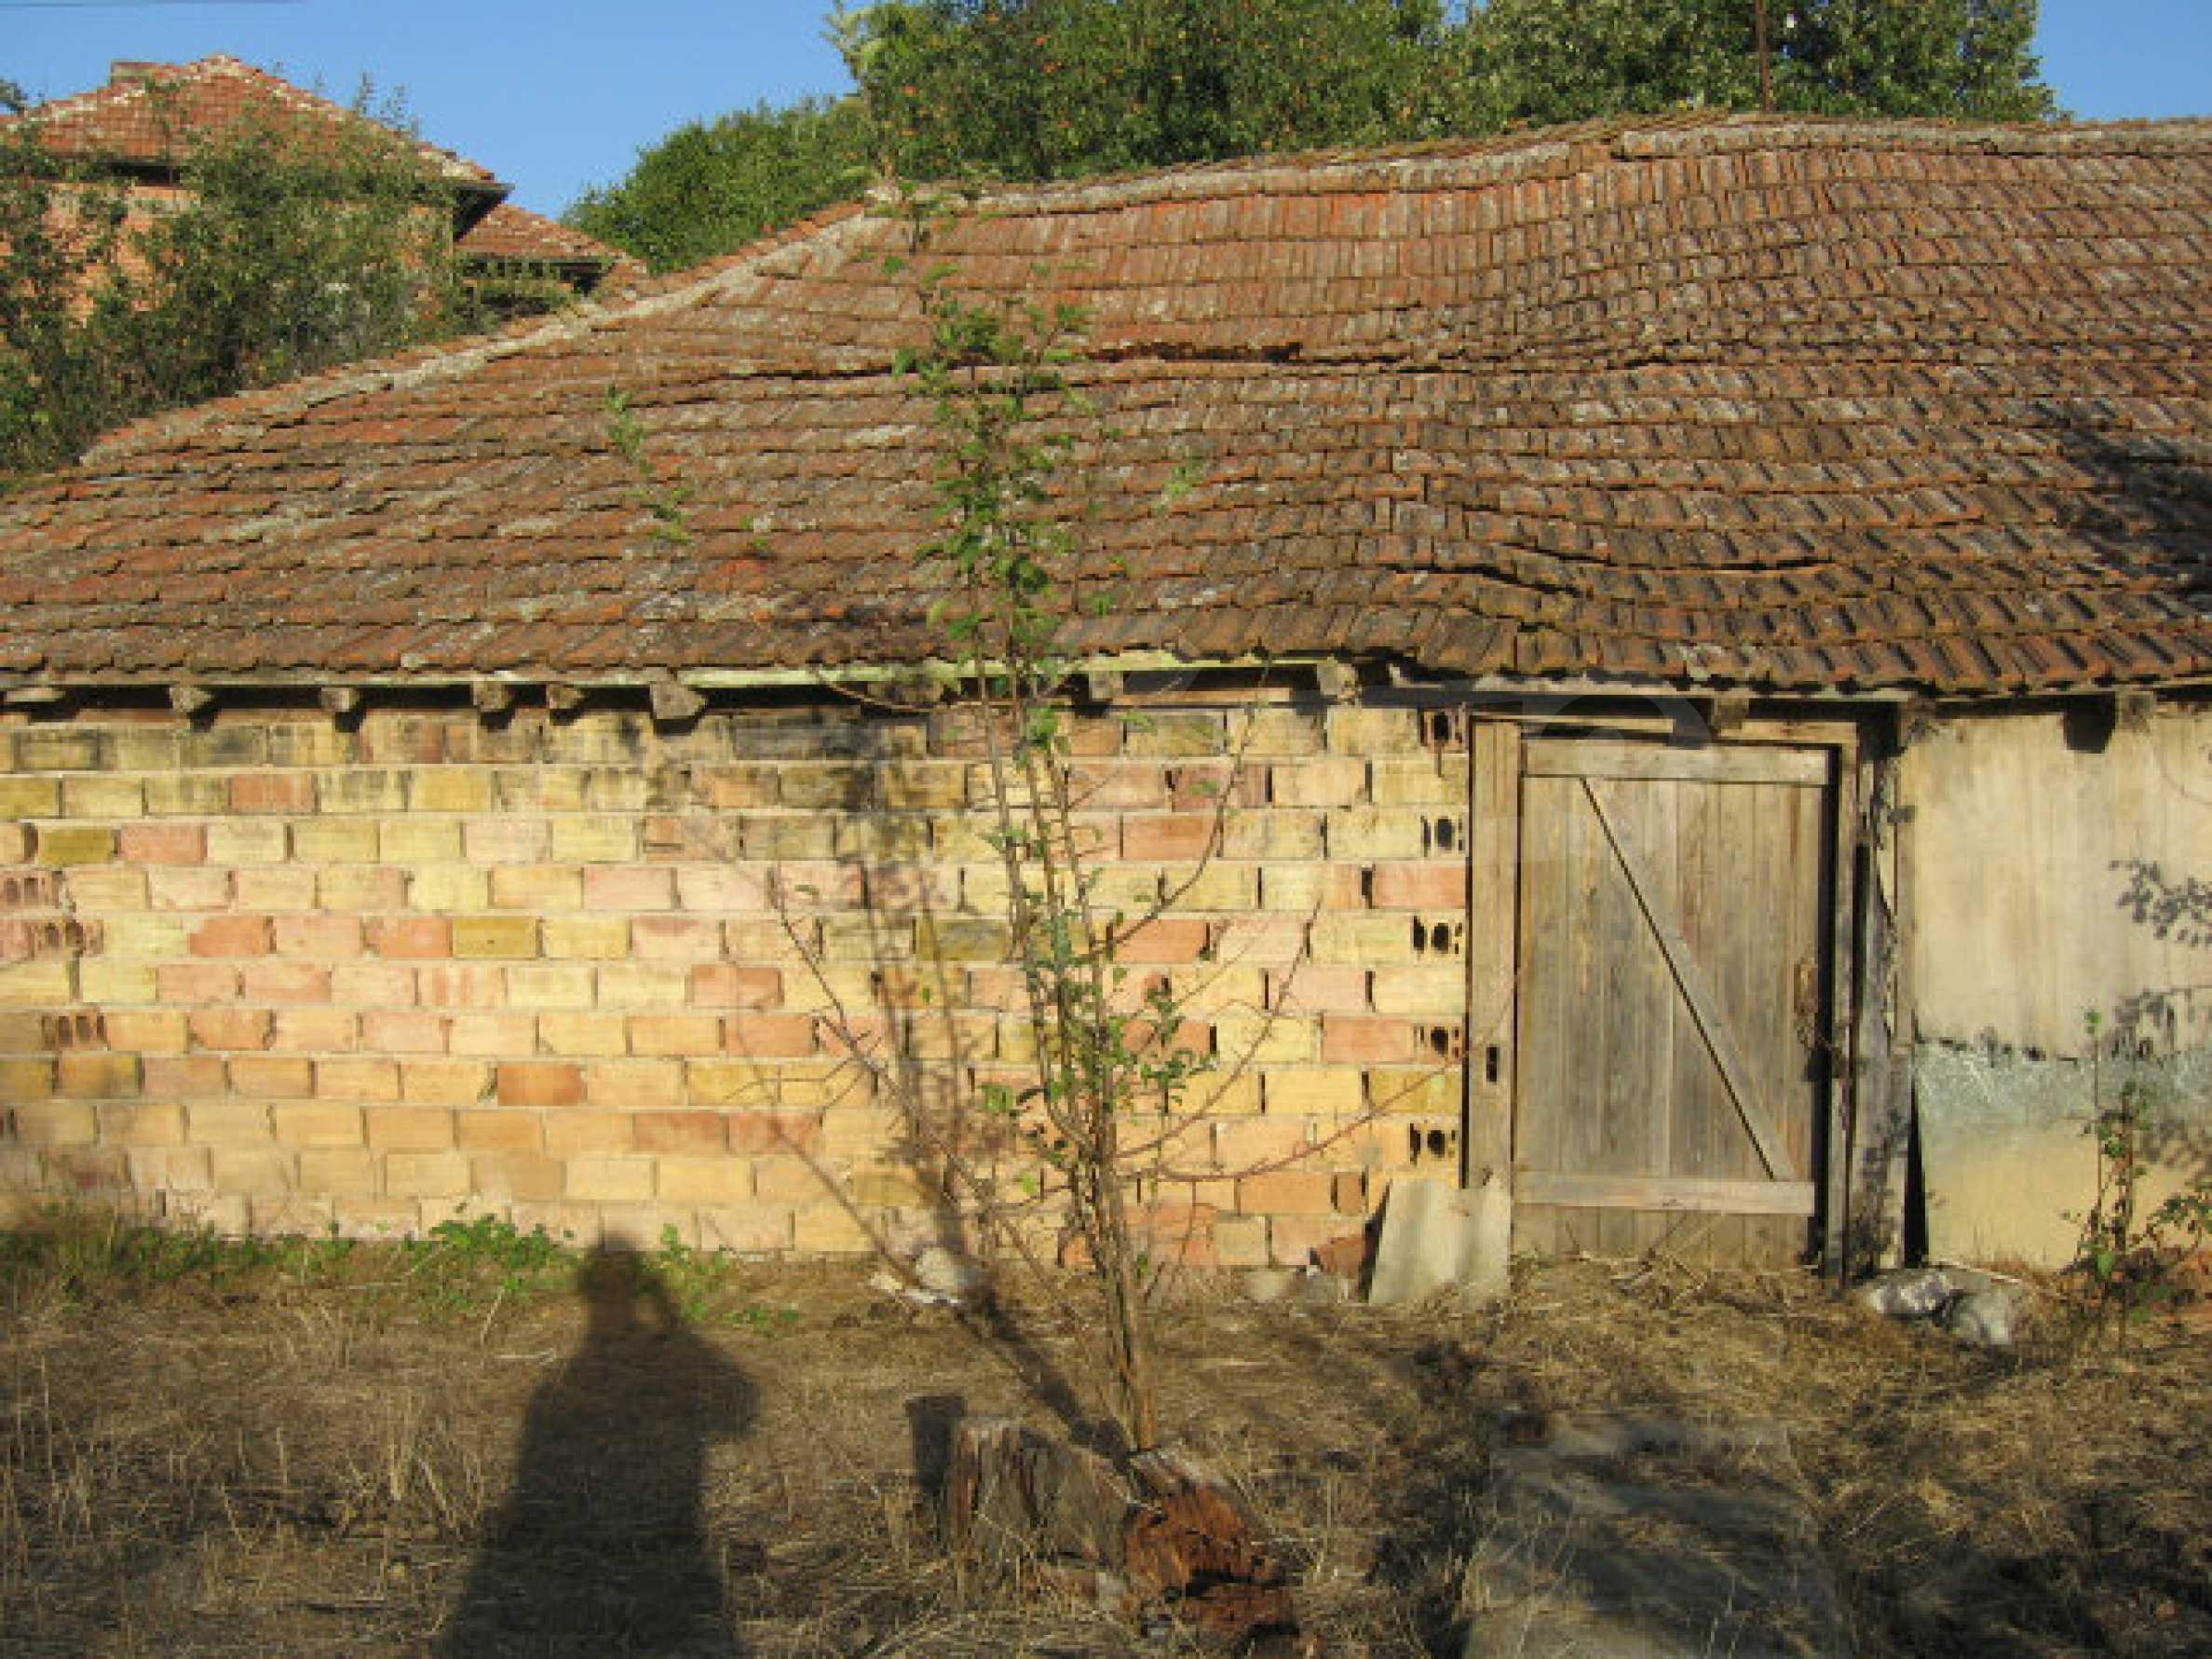 Sonniges zweistöckiges Haus in einem kleinen Dorf in der Nähe der Flüsse Tundzha und Elhovo 26